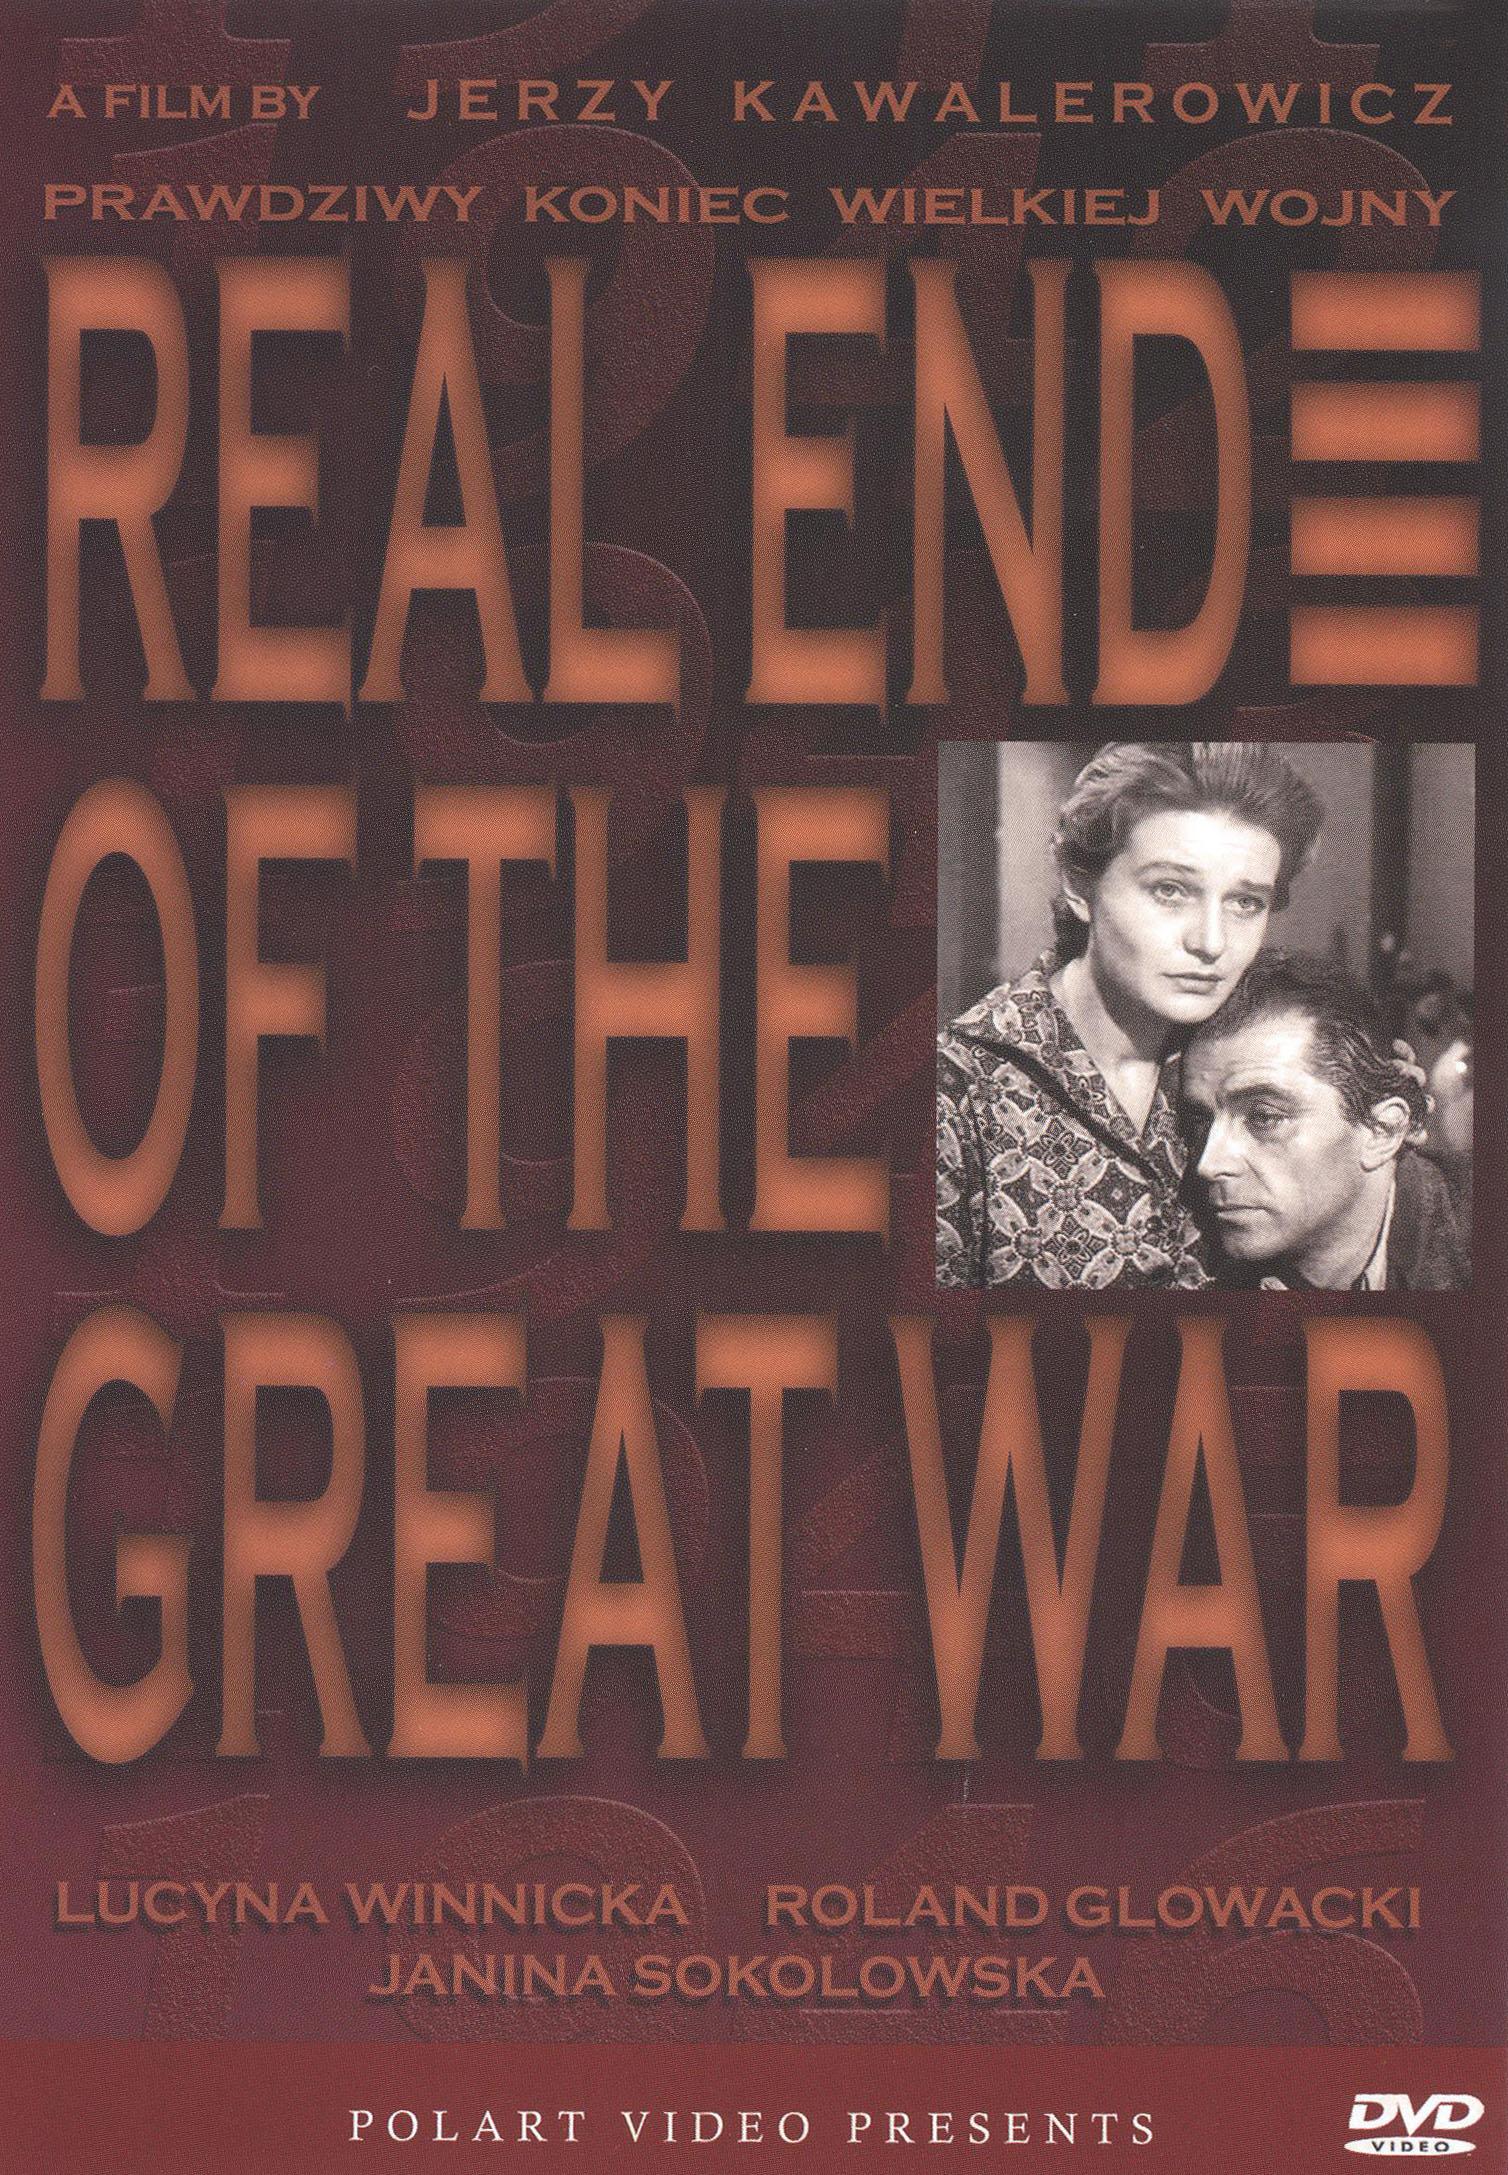 Prawdziwy Koniec Wielkiej Wojny